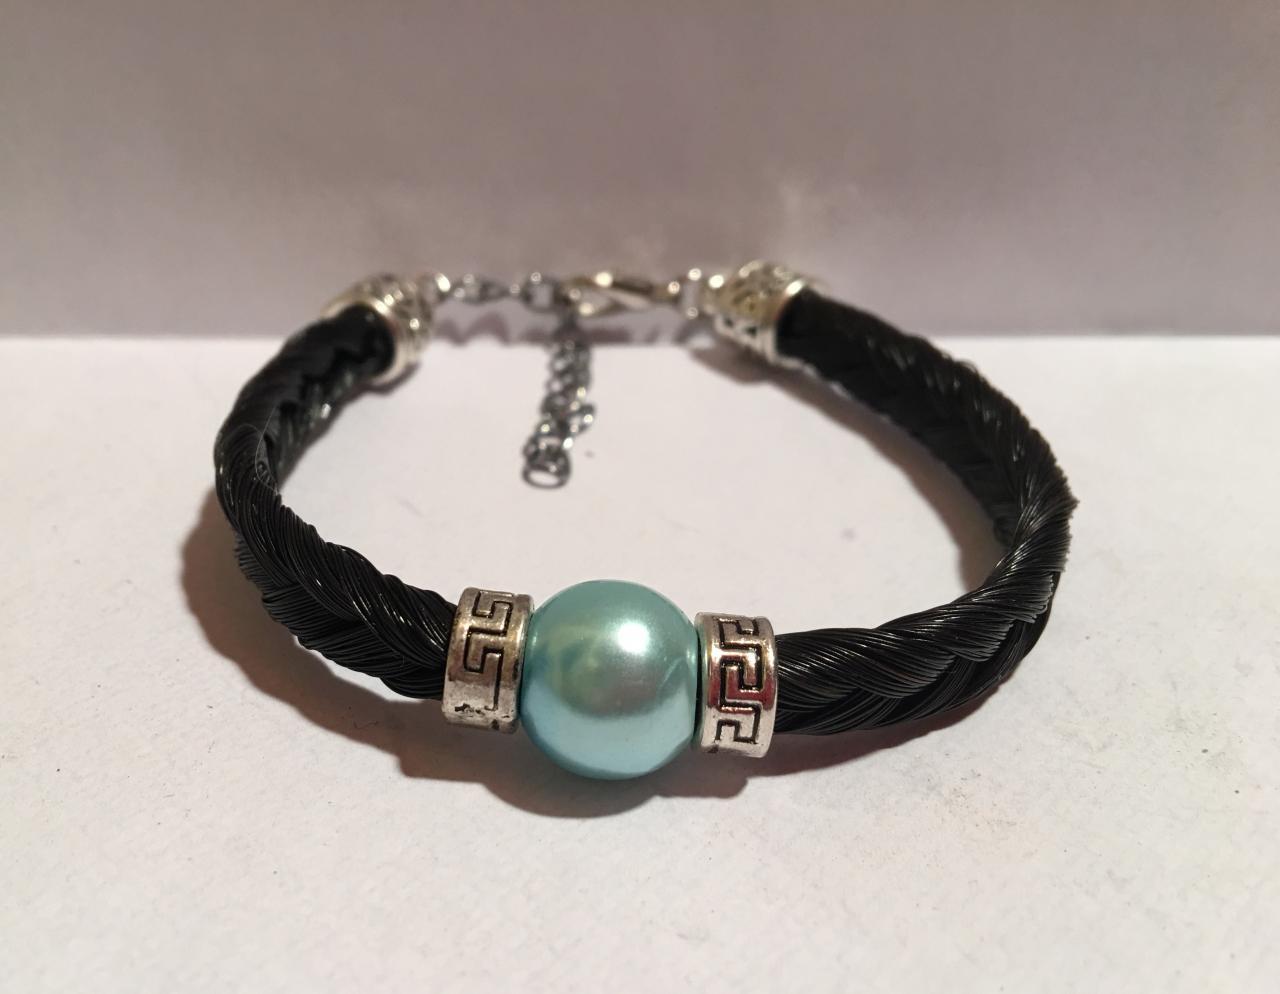 Bracelet avec connecteur perle turquoise